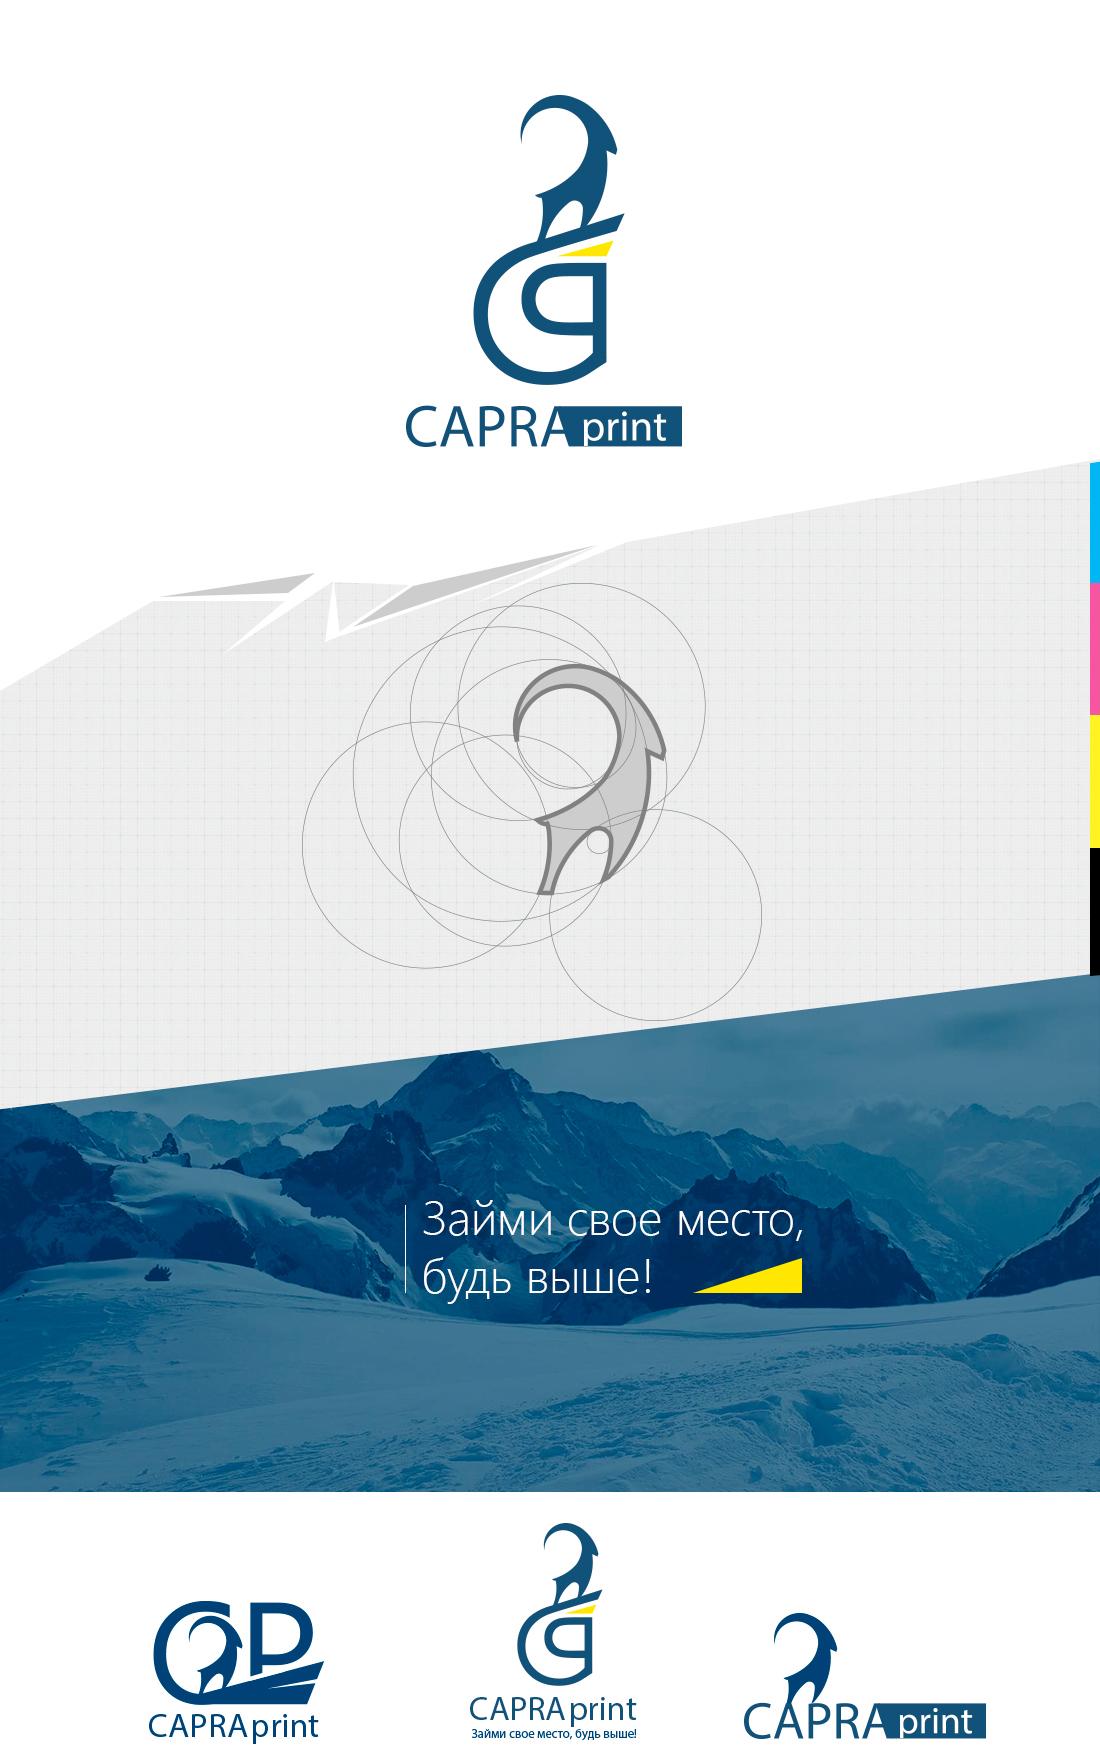 Capra Print